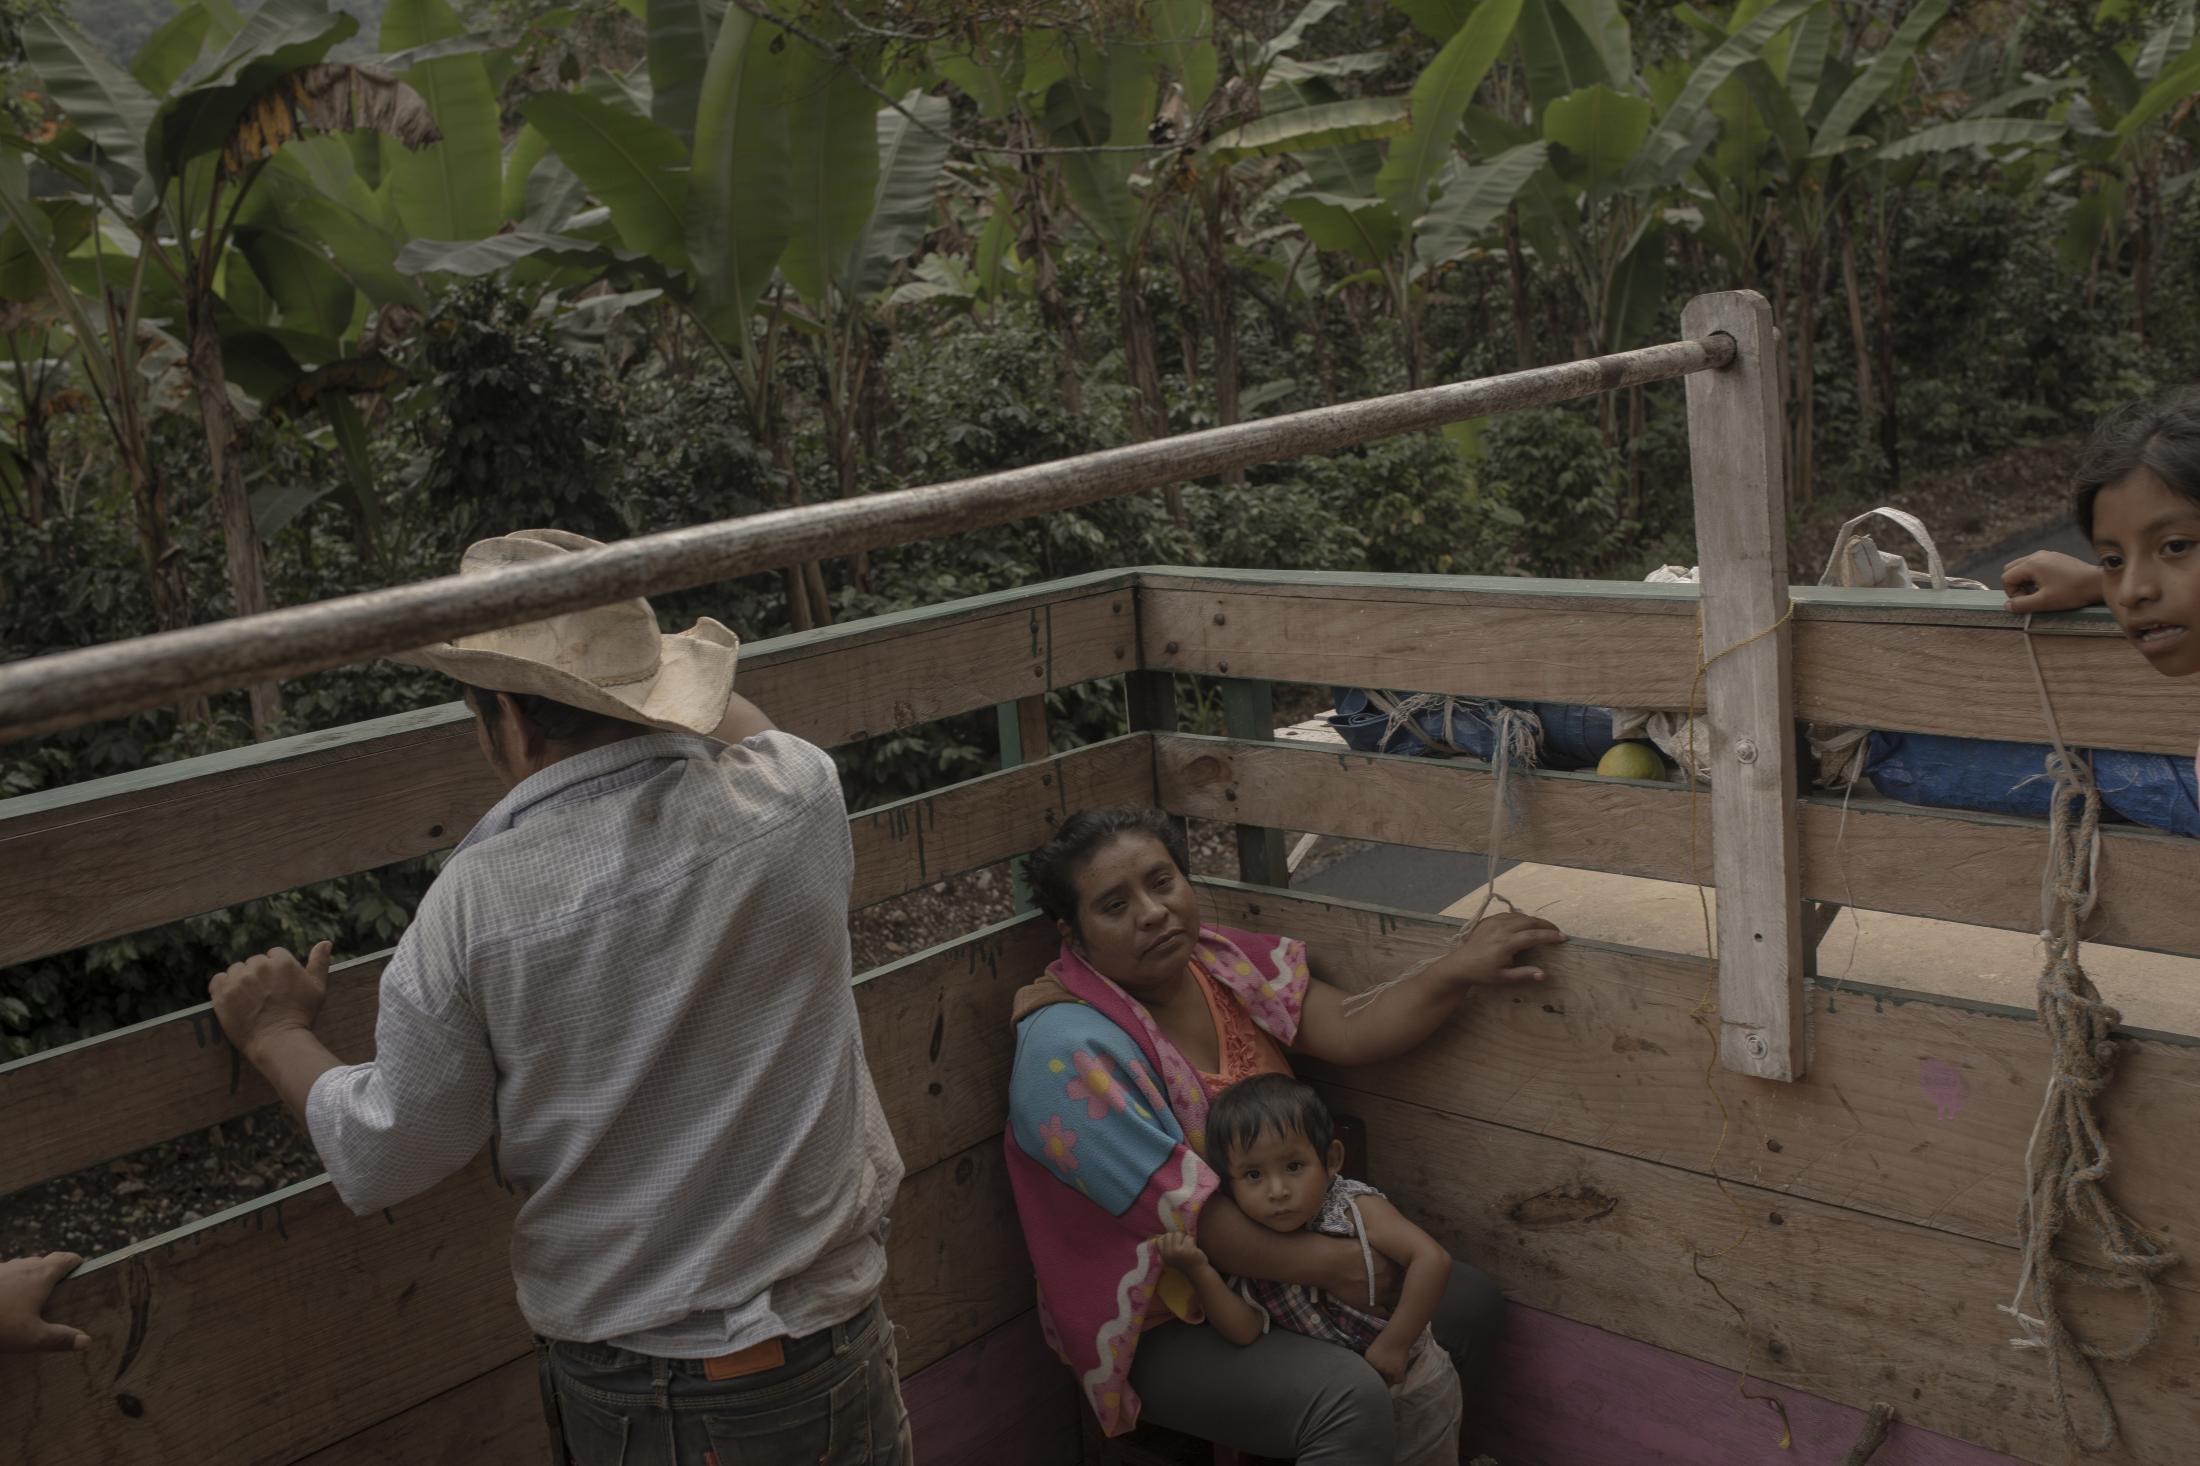 La familia Frías Tablas viaja en una camioneta entre cafetales y matas de plátano luego de trabajar en la finca de café durante una jornada laboral el 19 de Agosto de 2020, en el municipio de Ixhuatlán del Café, Veracruz.